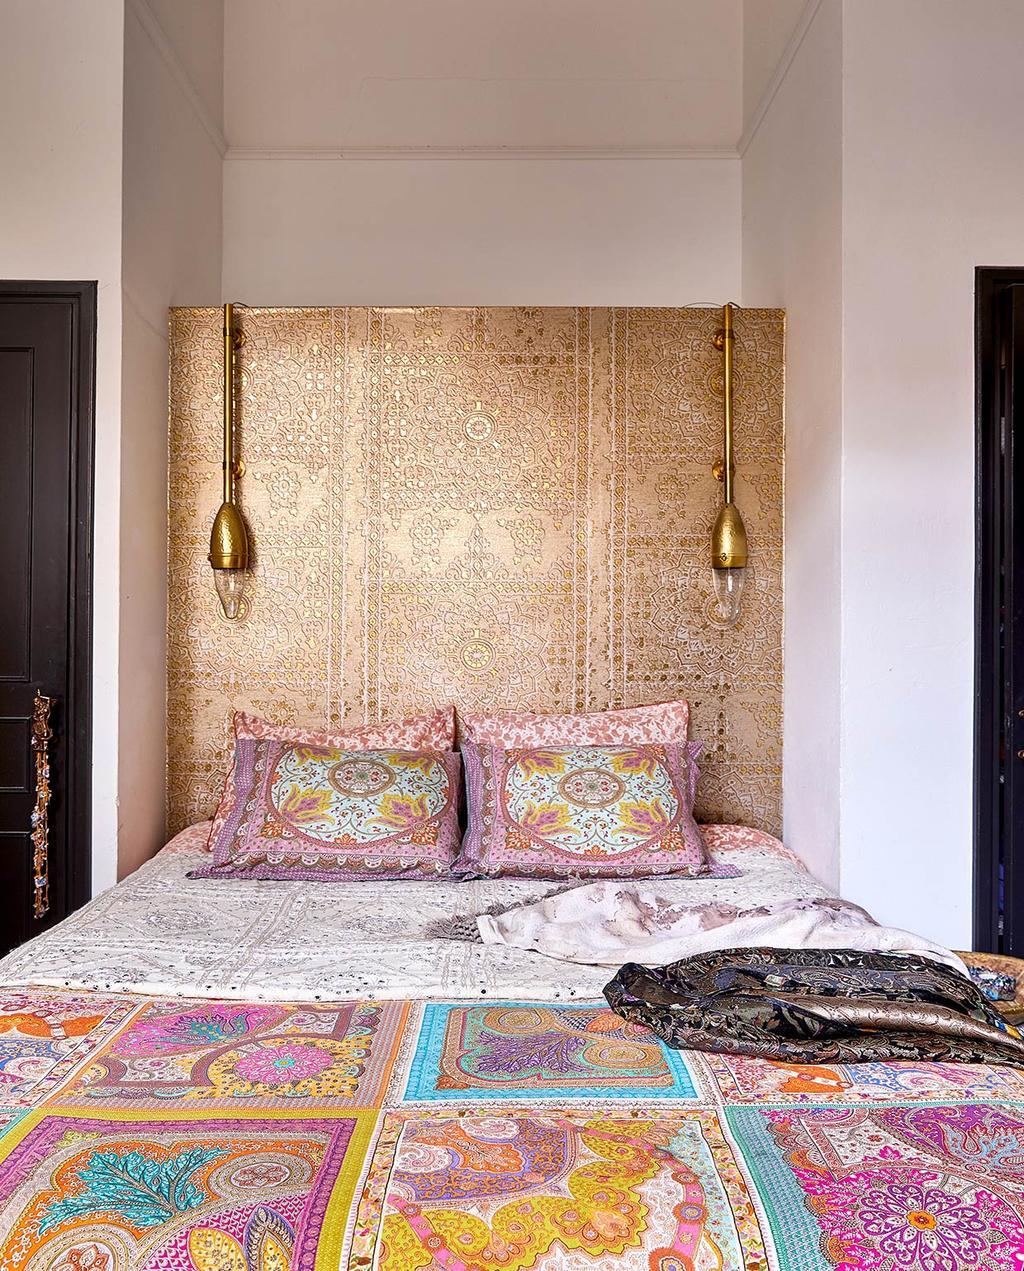 vtwonen 06-2021 | opgemaakt bed met veel kleuren en een gouden achterwand